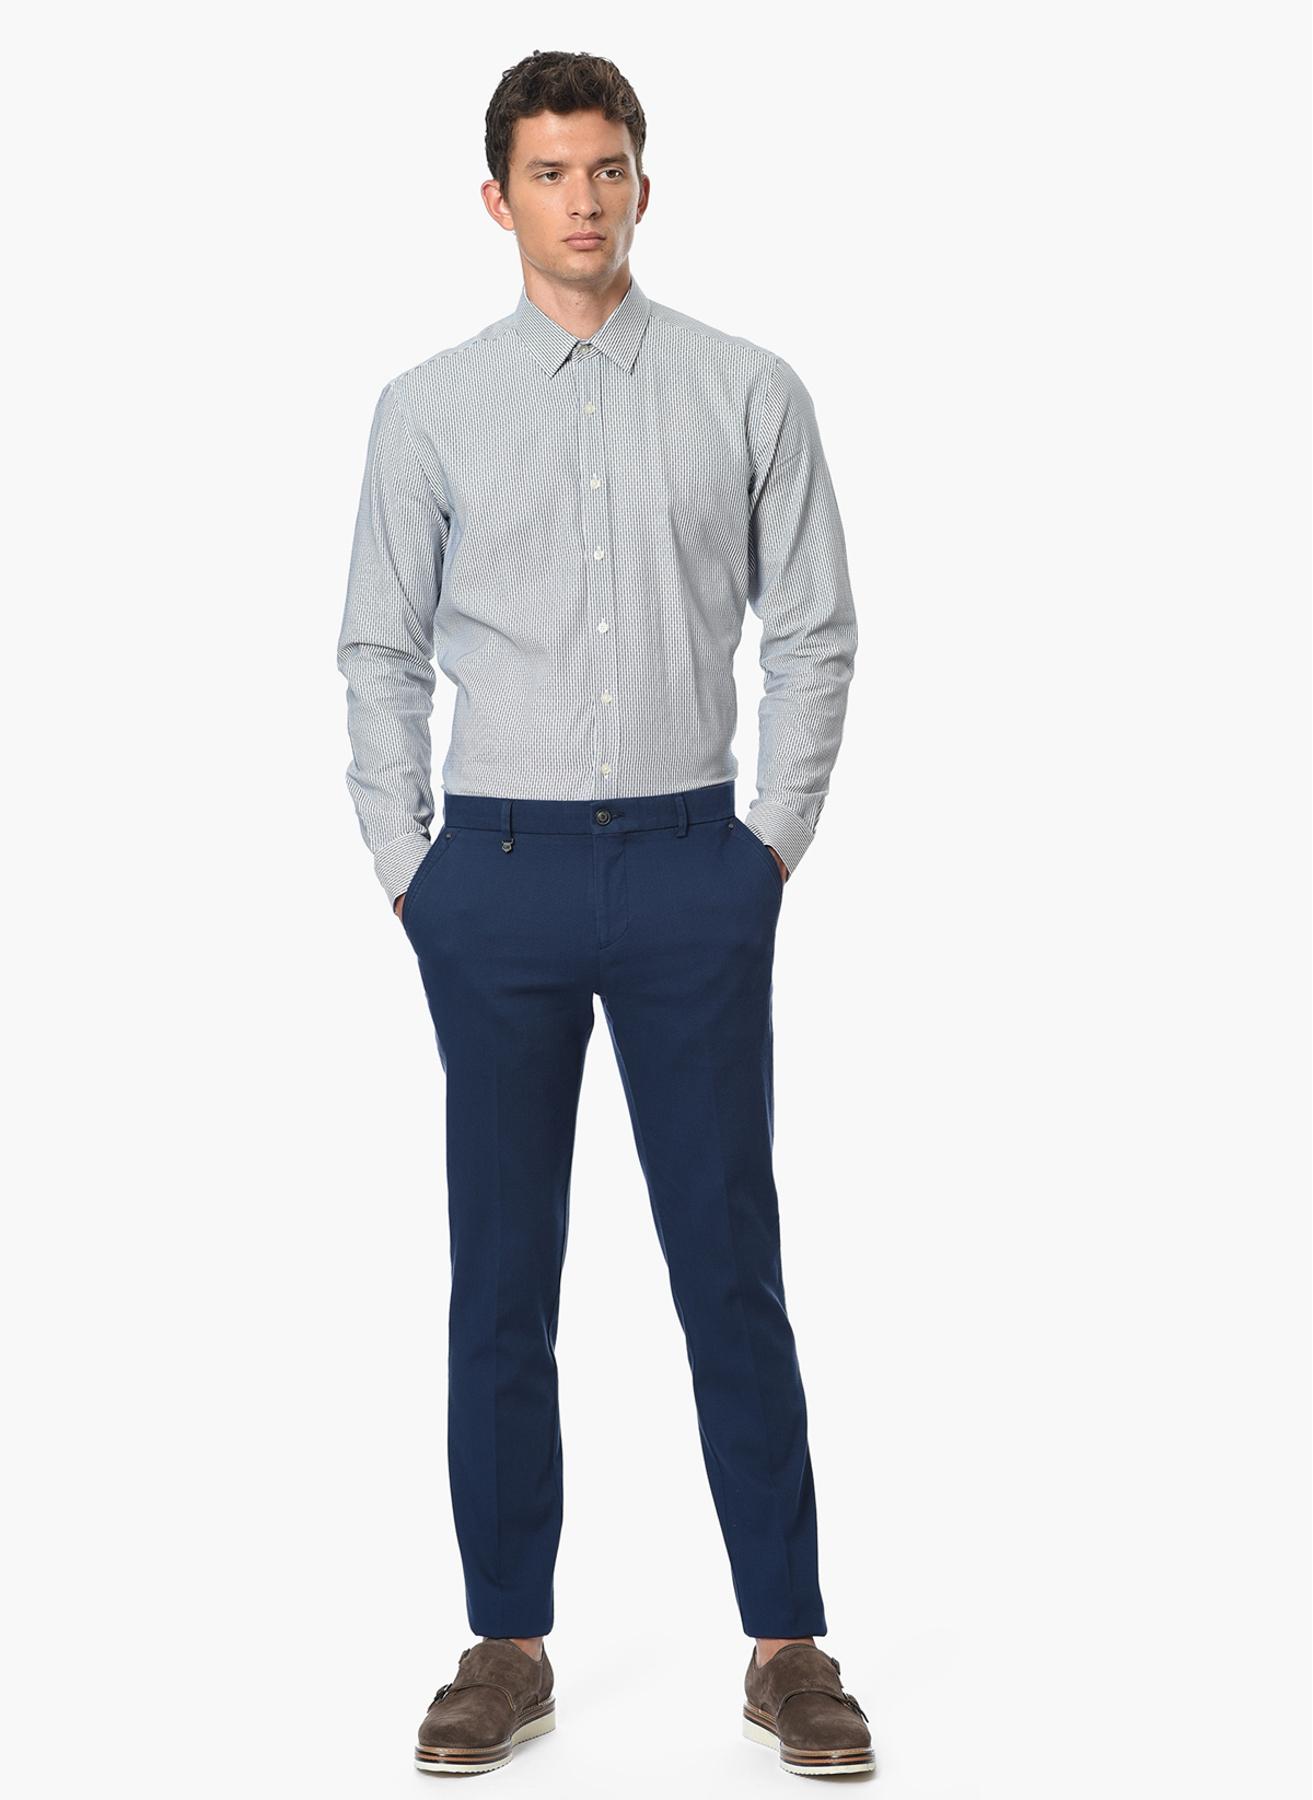 George Hogg Çizgili Lacivert - Beyaz Gömlek 39 5001699218001 Ürün Resmi